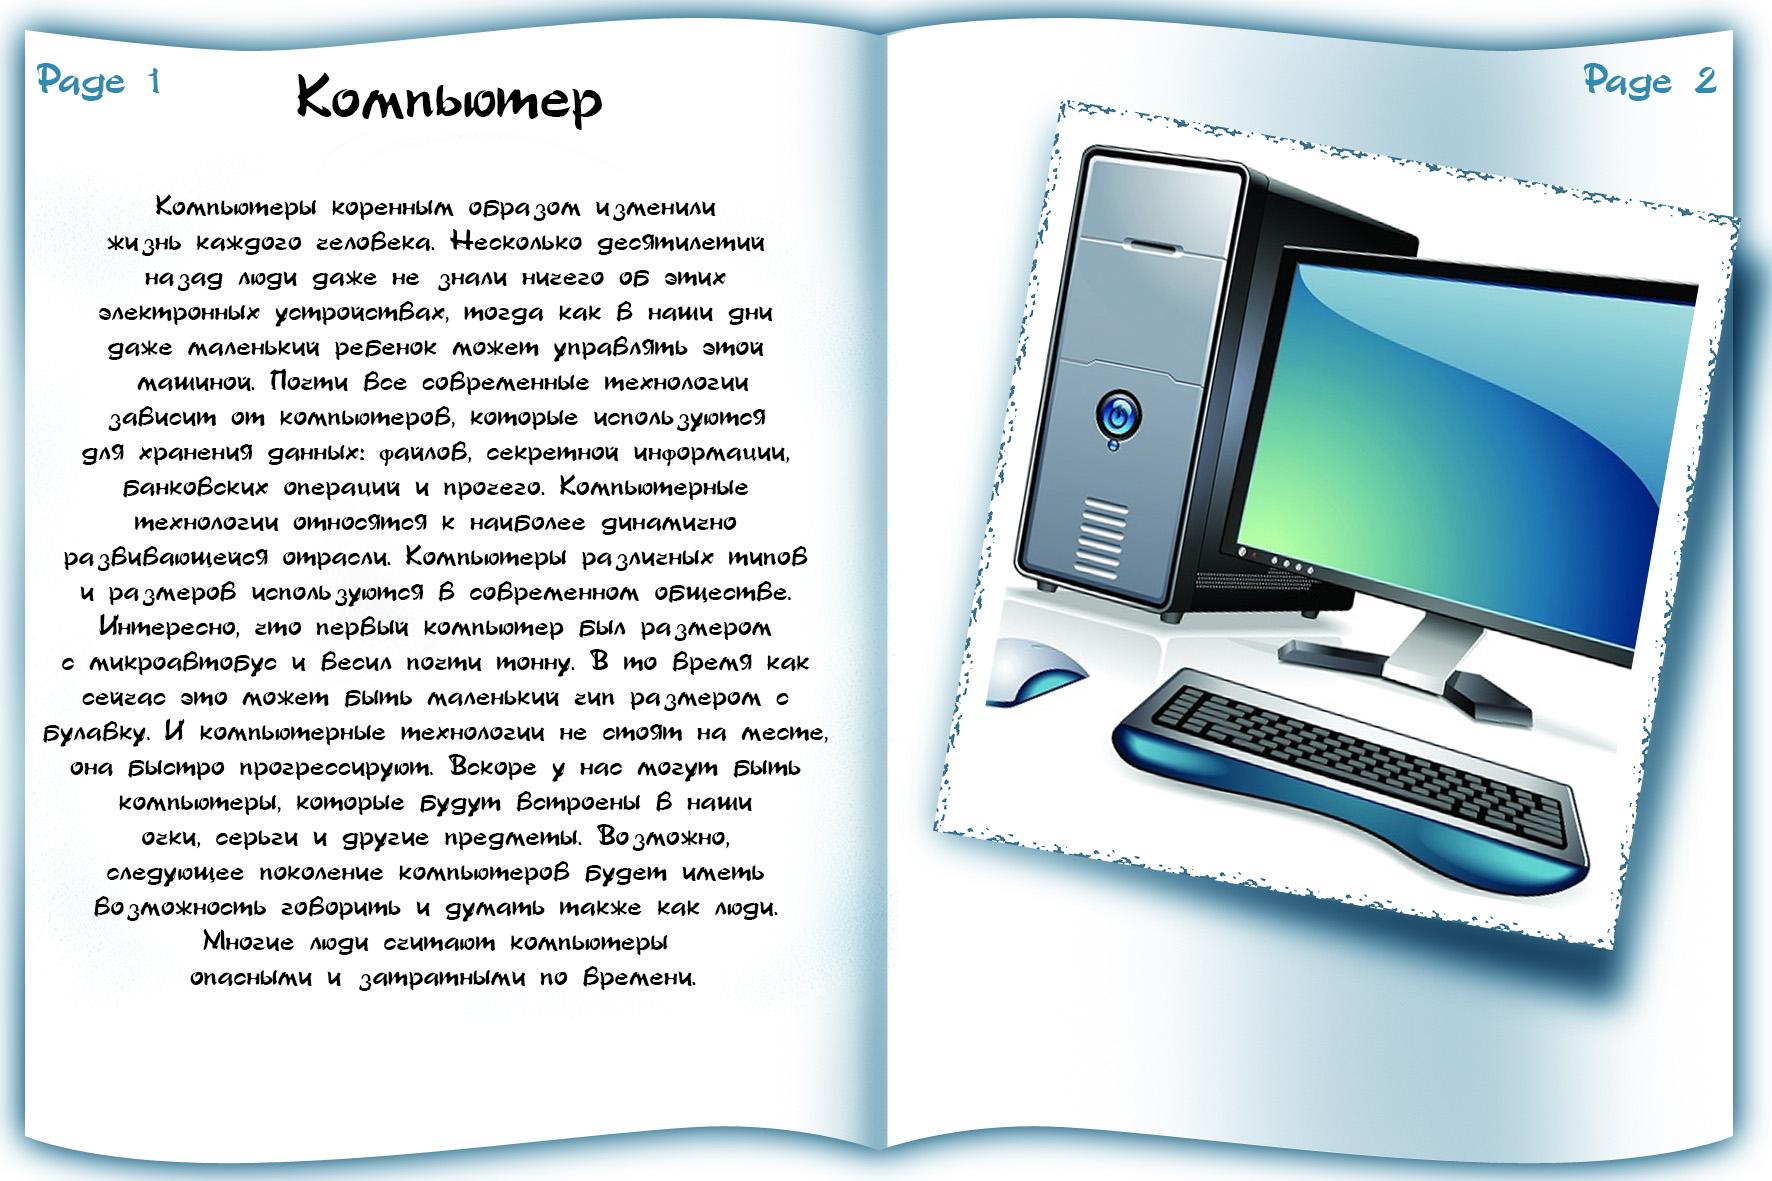 Компьютеры эссе на английском 4303